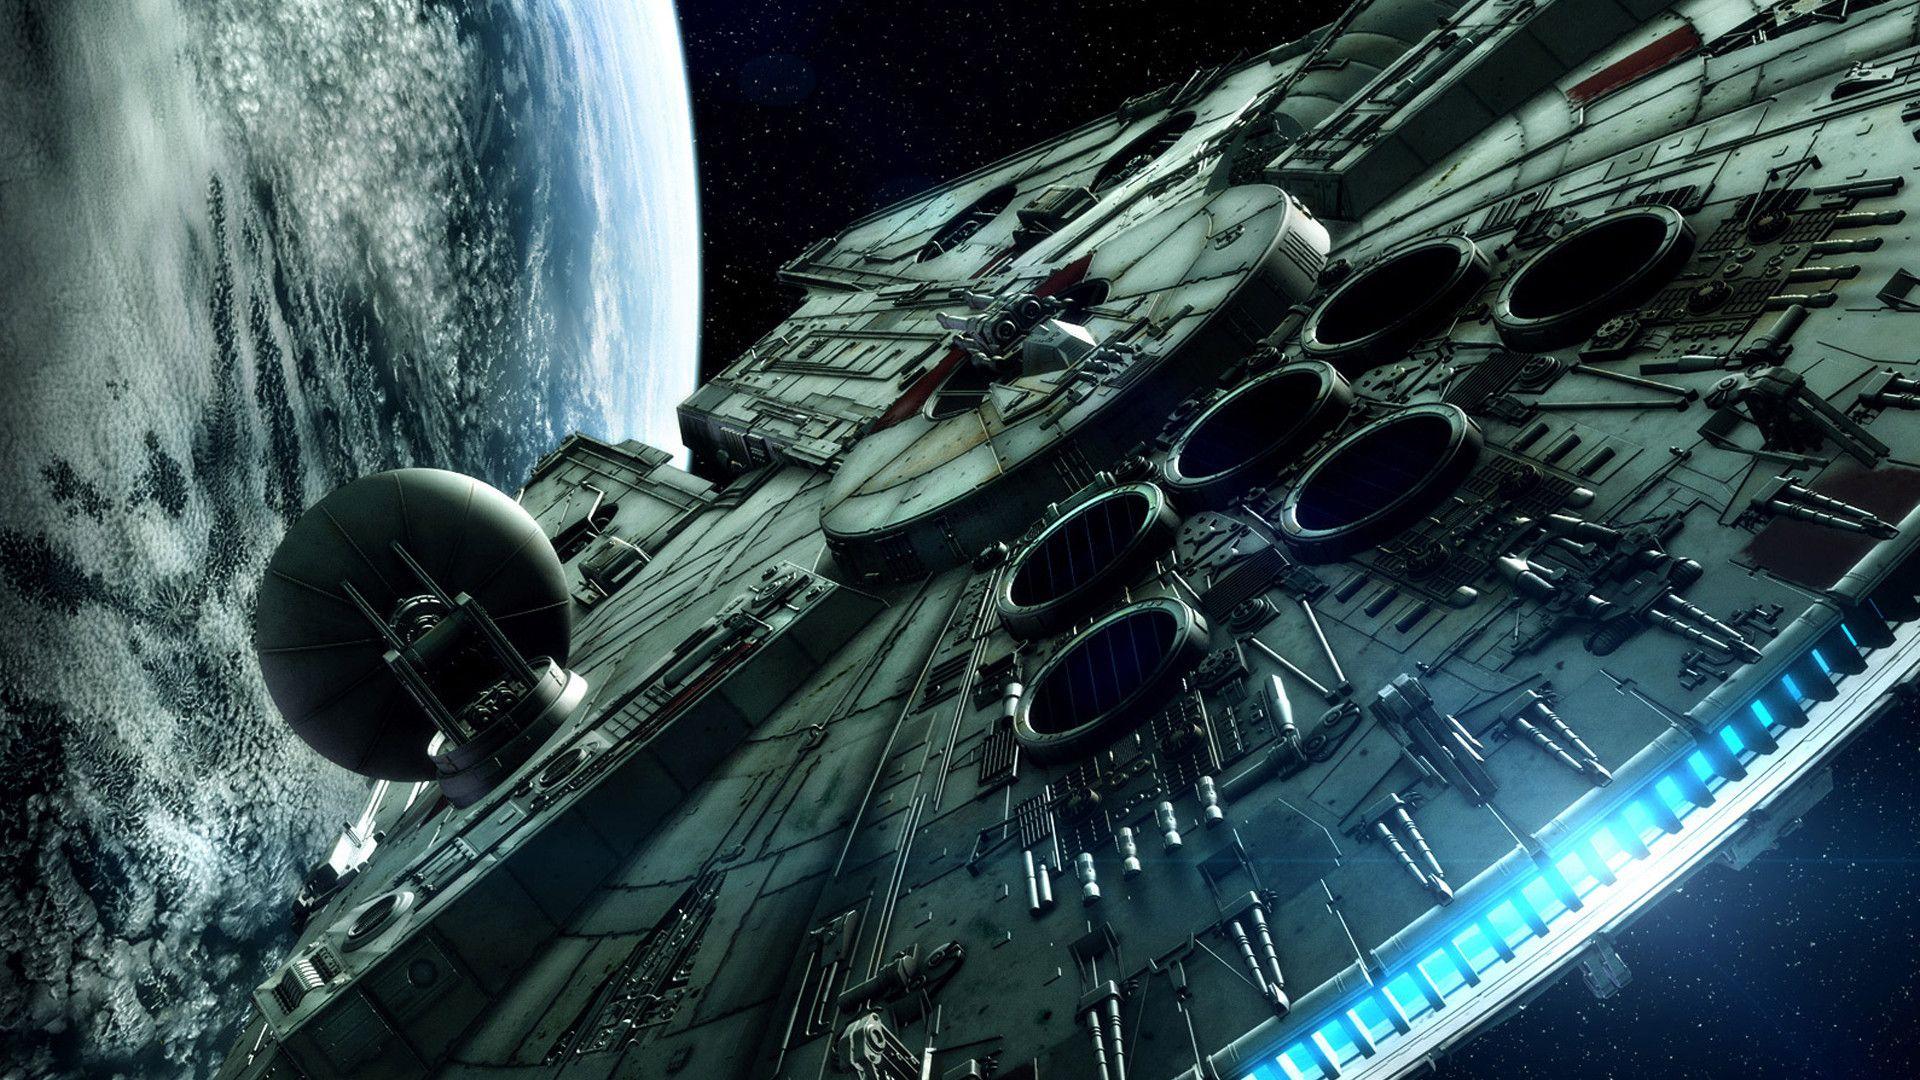 star wars 1080p wallpaper - wallpapersafari